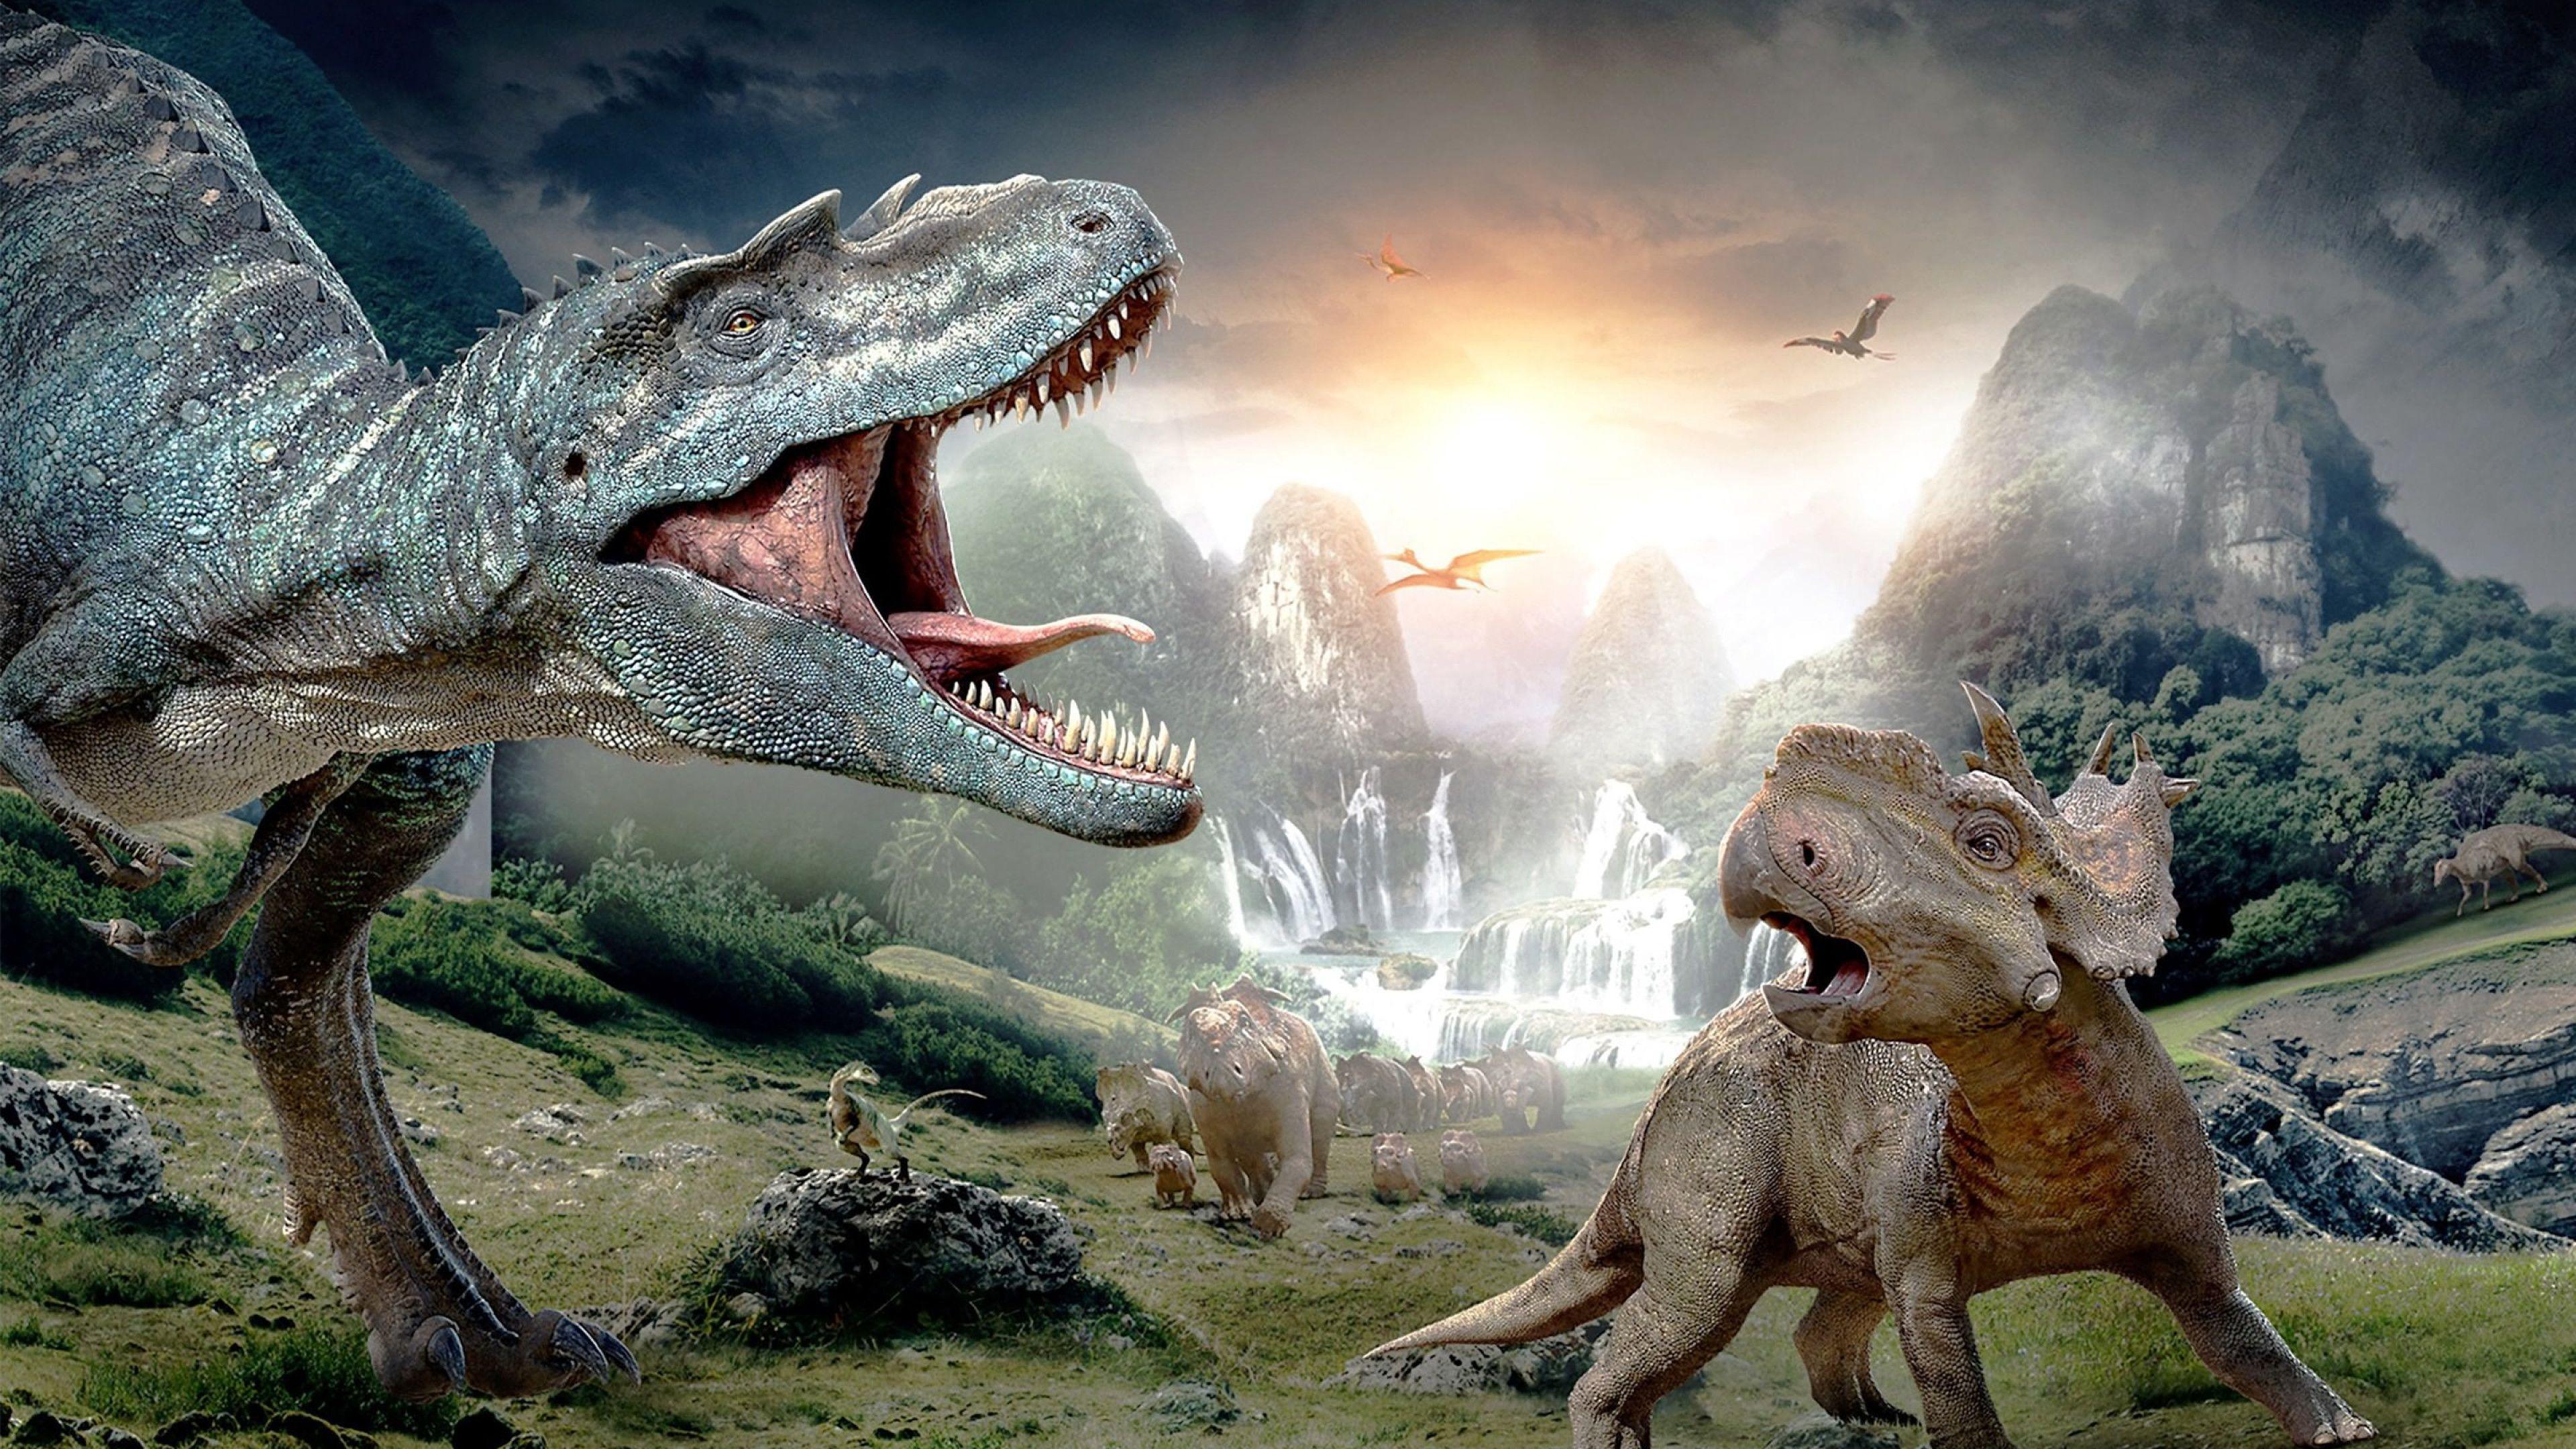 Fondos De Pantalla De Dinosaurios Fondosmil Encuentra serenidad en el orden y la perfección creando un fondo de pantalla floral, con. fondos de pantalla de dinosaurios